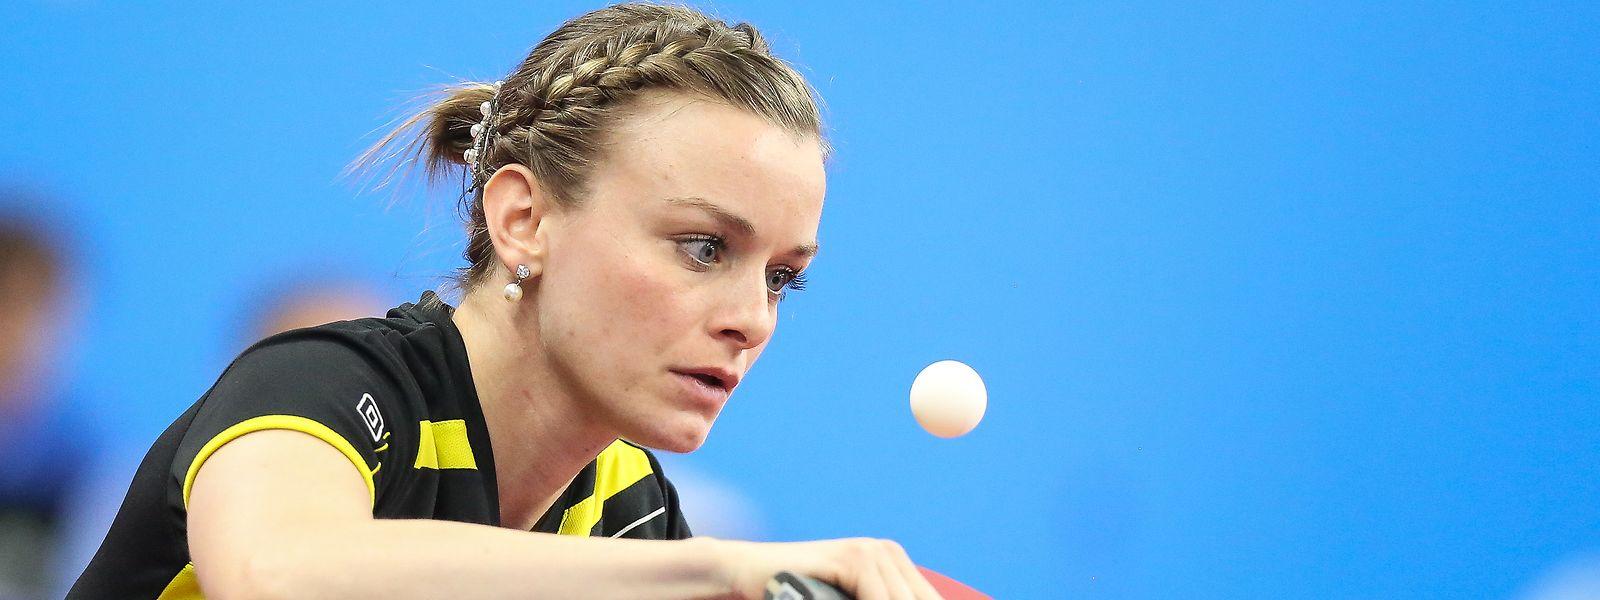 Sarah de Nutte und ihre Teamkolleginnen dürfen nach Rumänien.